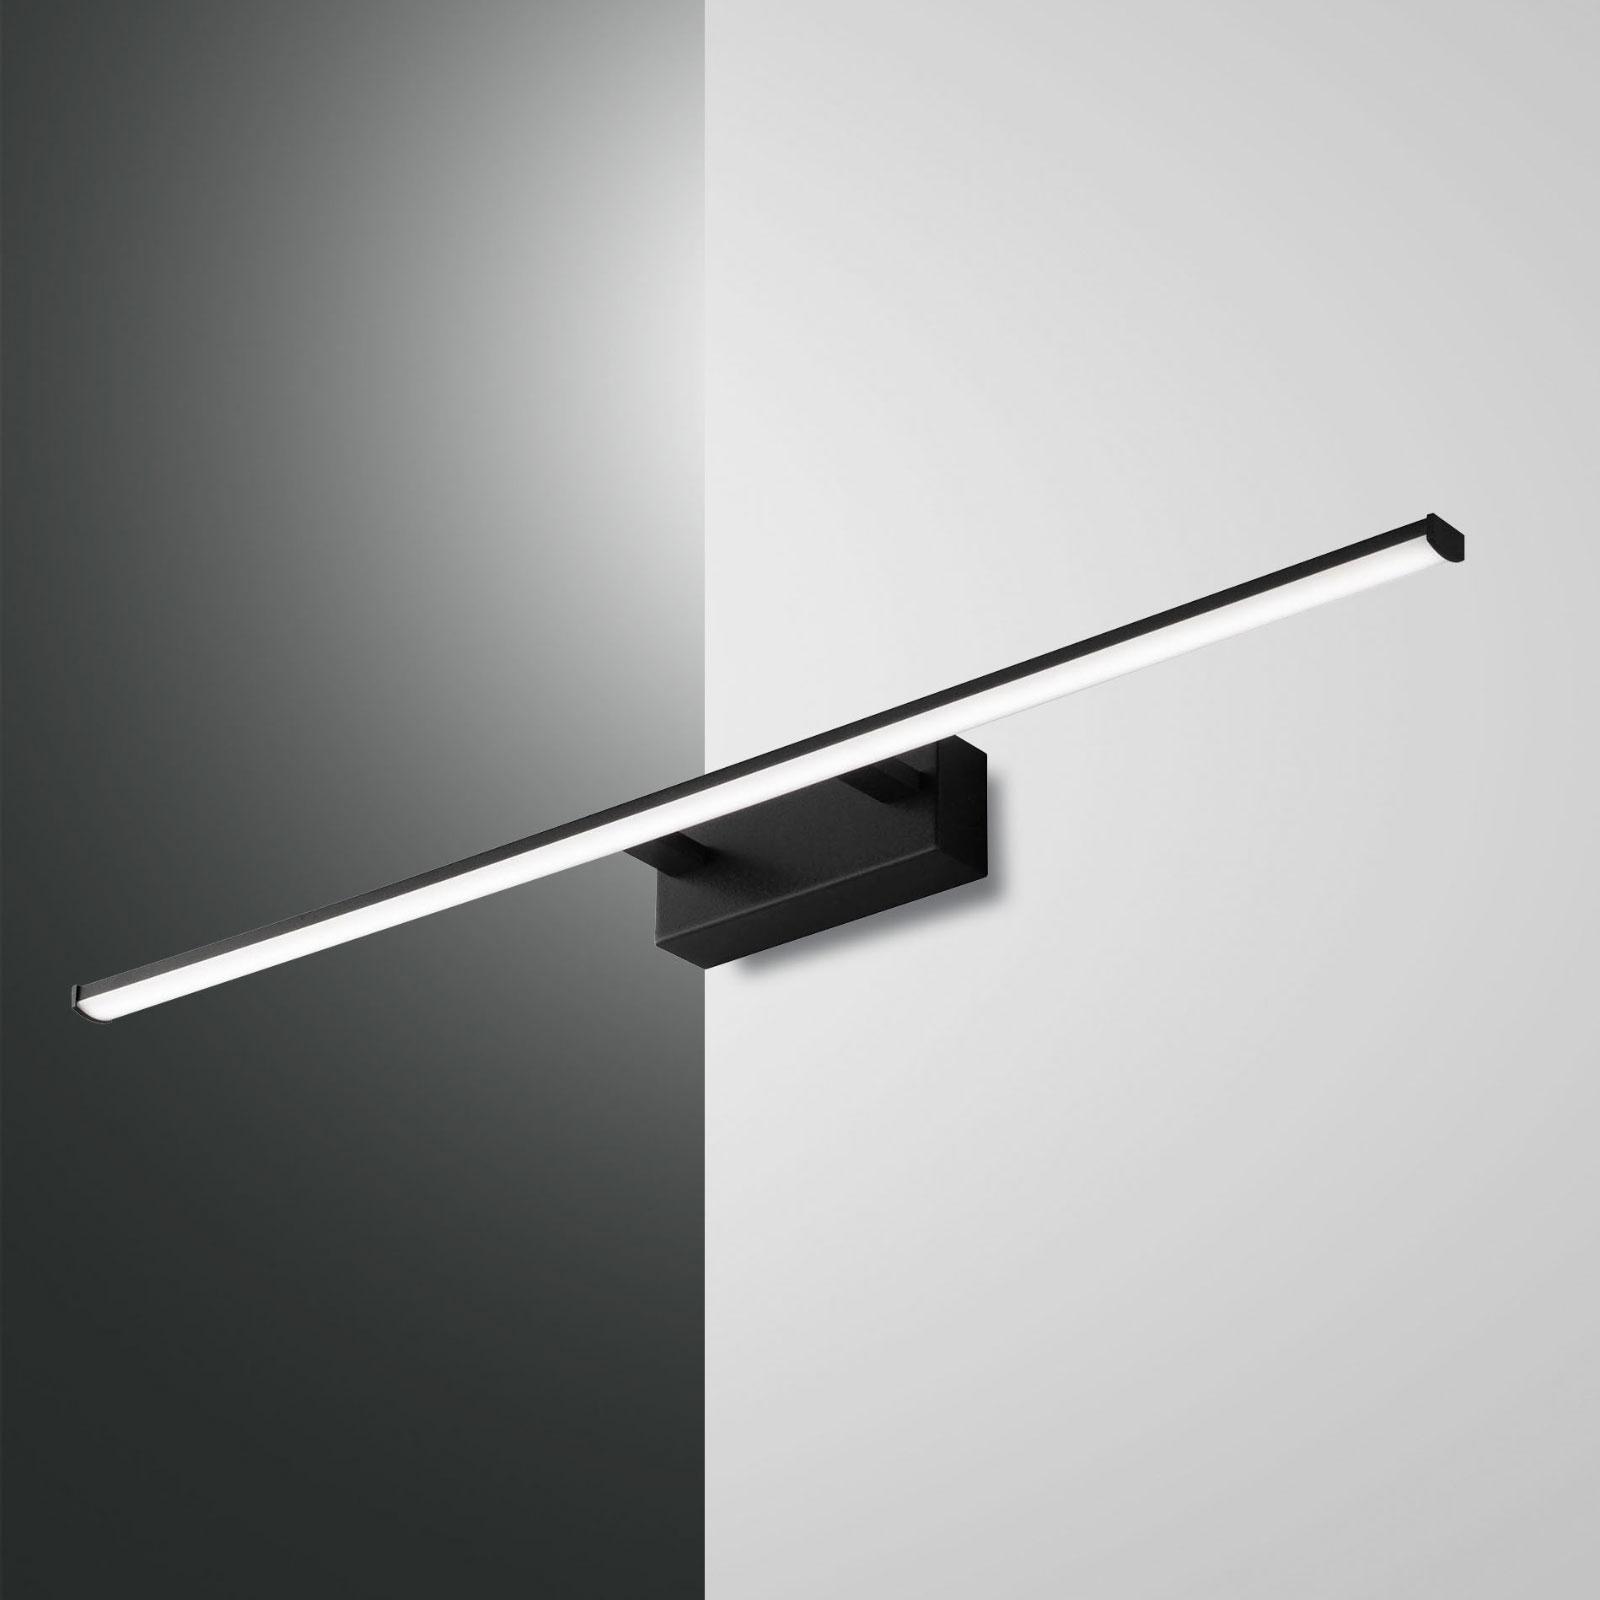 Applique LED Nala, noire, largeur 75cm